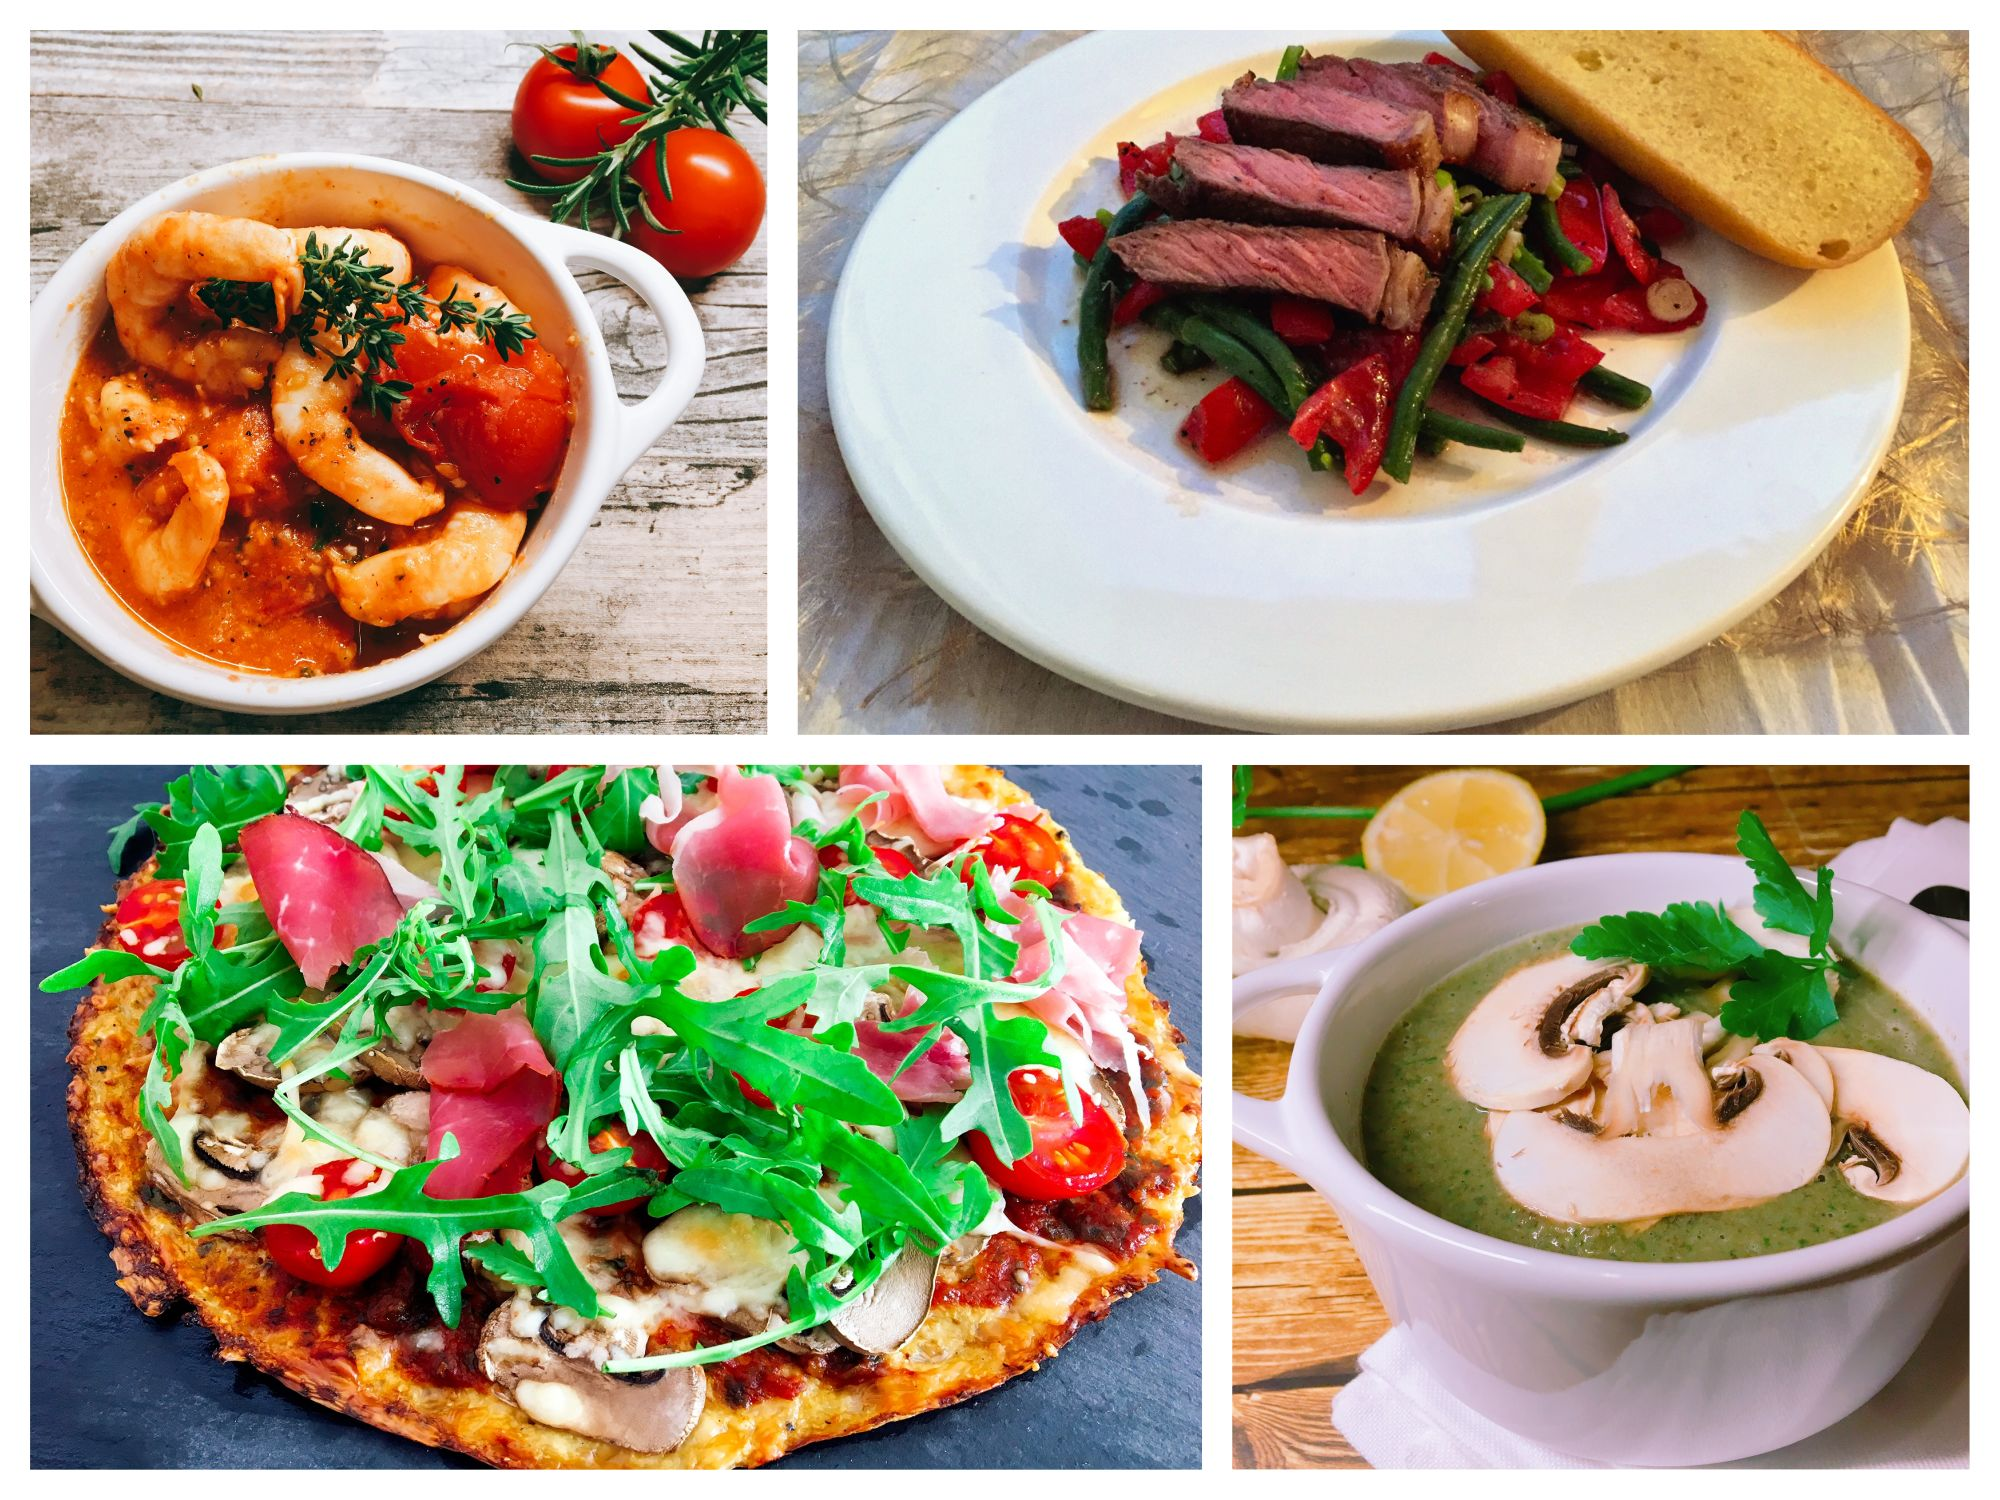 herzhafte Rezepte für Fleisch, Fisch, Suppen und Pasta